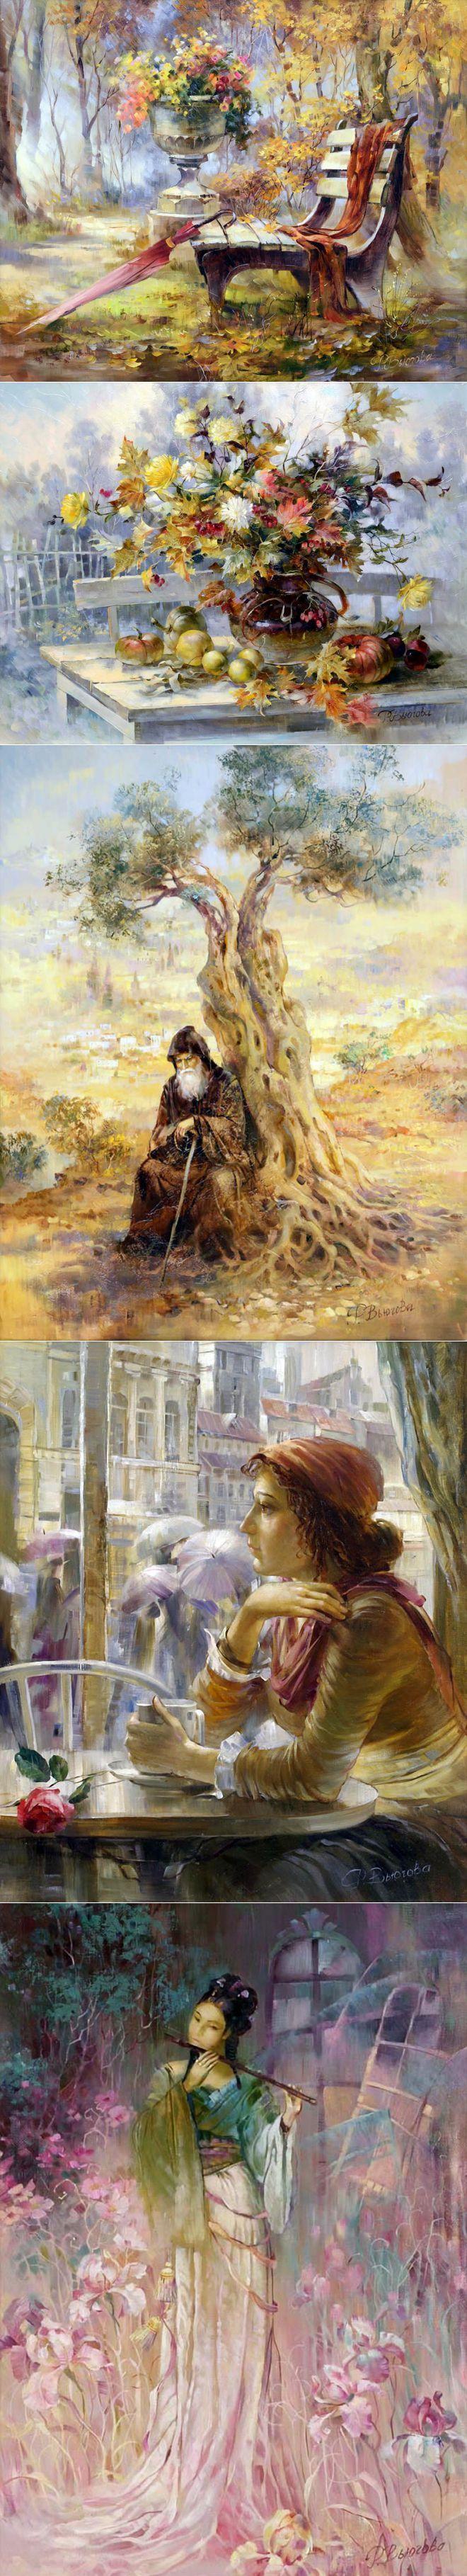 Художница Вьюгова Римма. Часть 1. | искусство | Постила